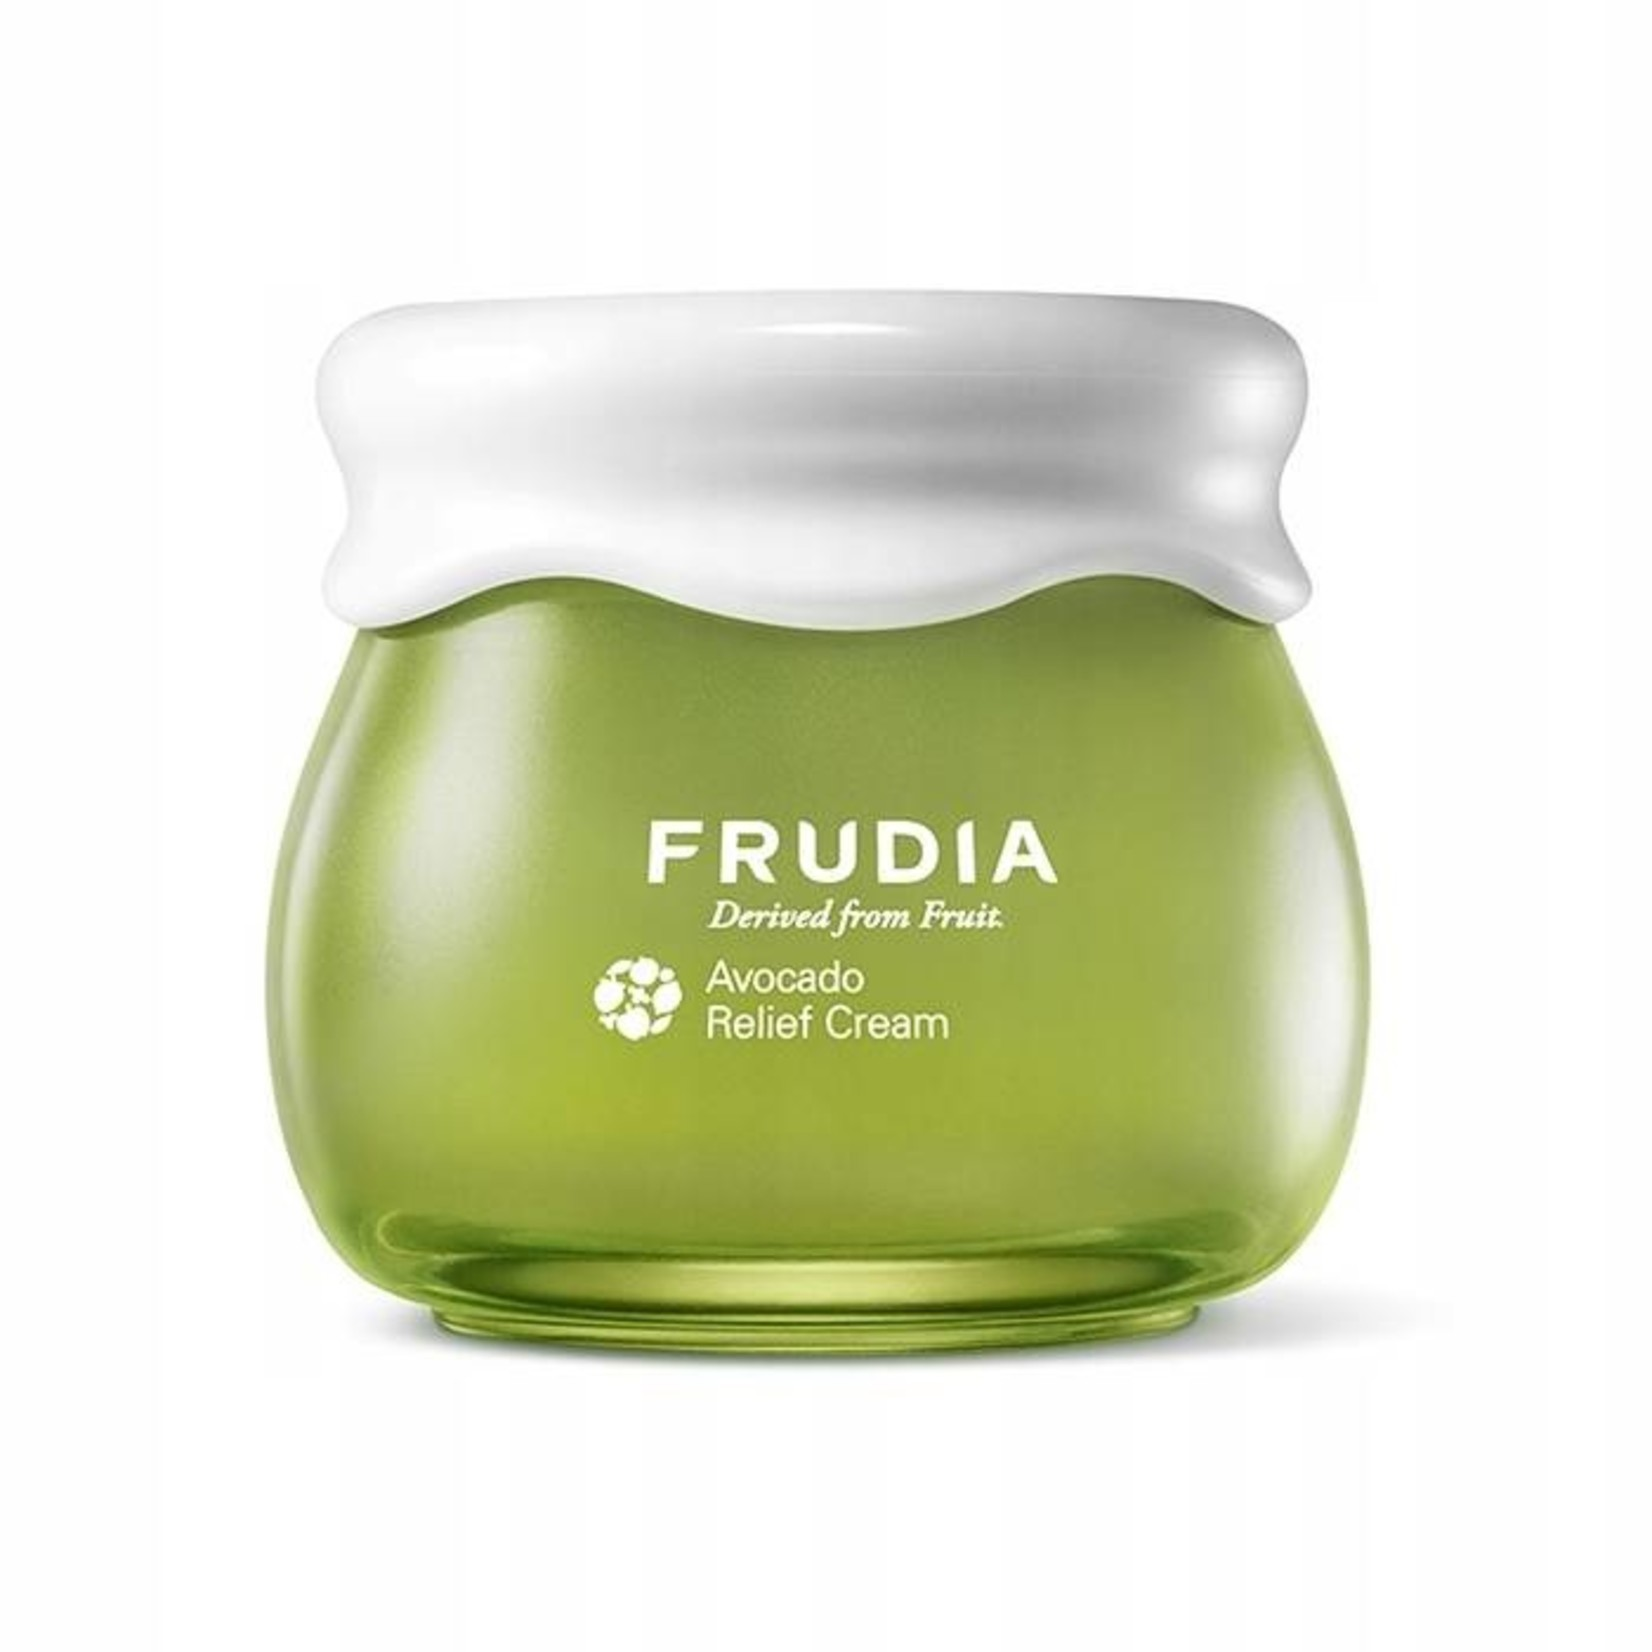 Frudia Avocado Relief Cream